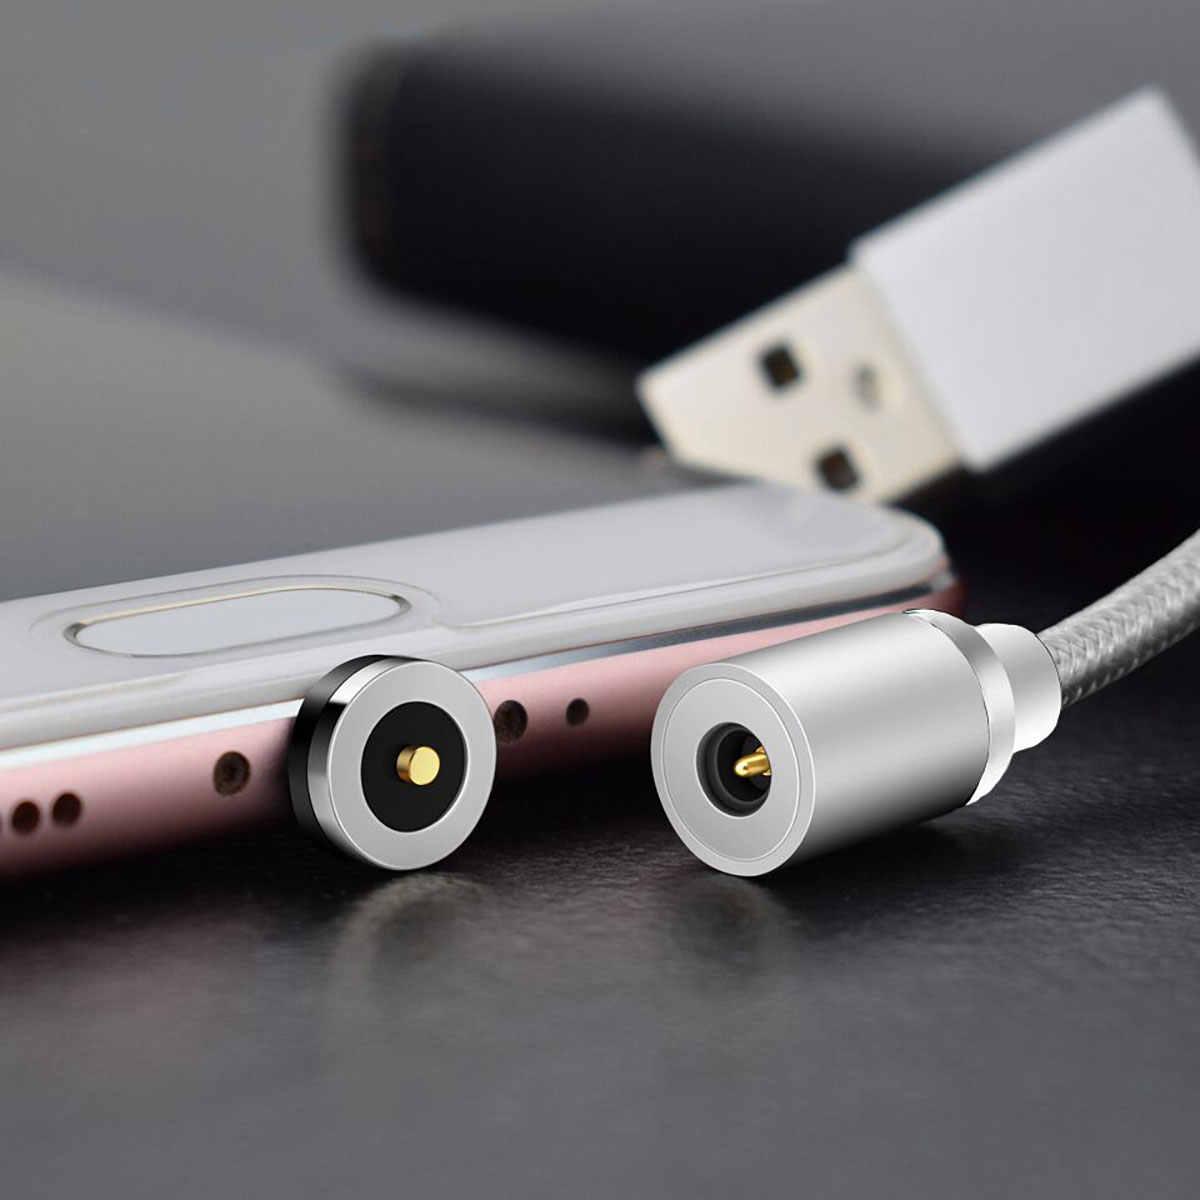 3FT/1 м-магнитный Тип C Зарядное устройство кабель для sony Xperia 1 XZ3 R1 L1 L2 XZ XZs XZ1 XZ2 Премиум X Compact XA1 10 плюс XA2 Ультра